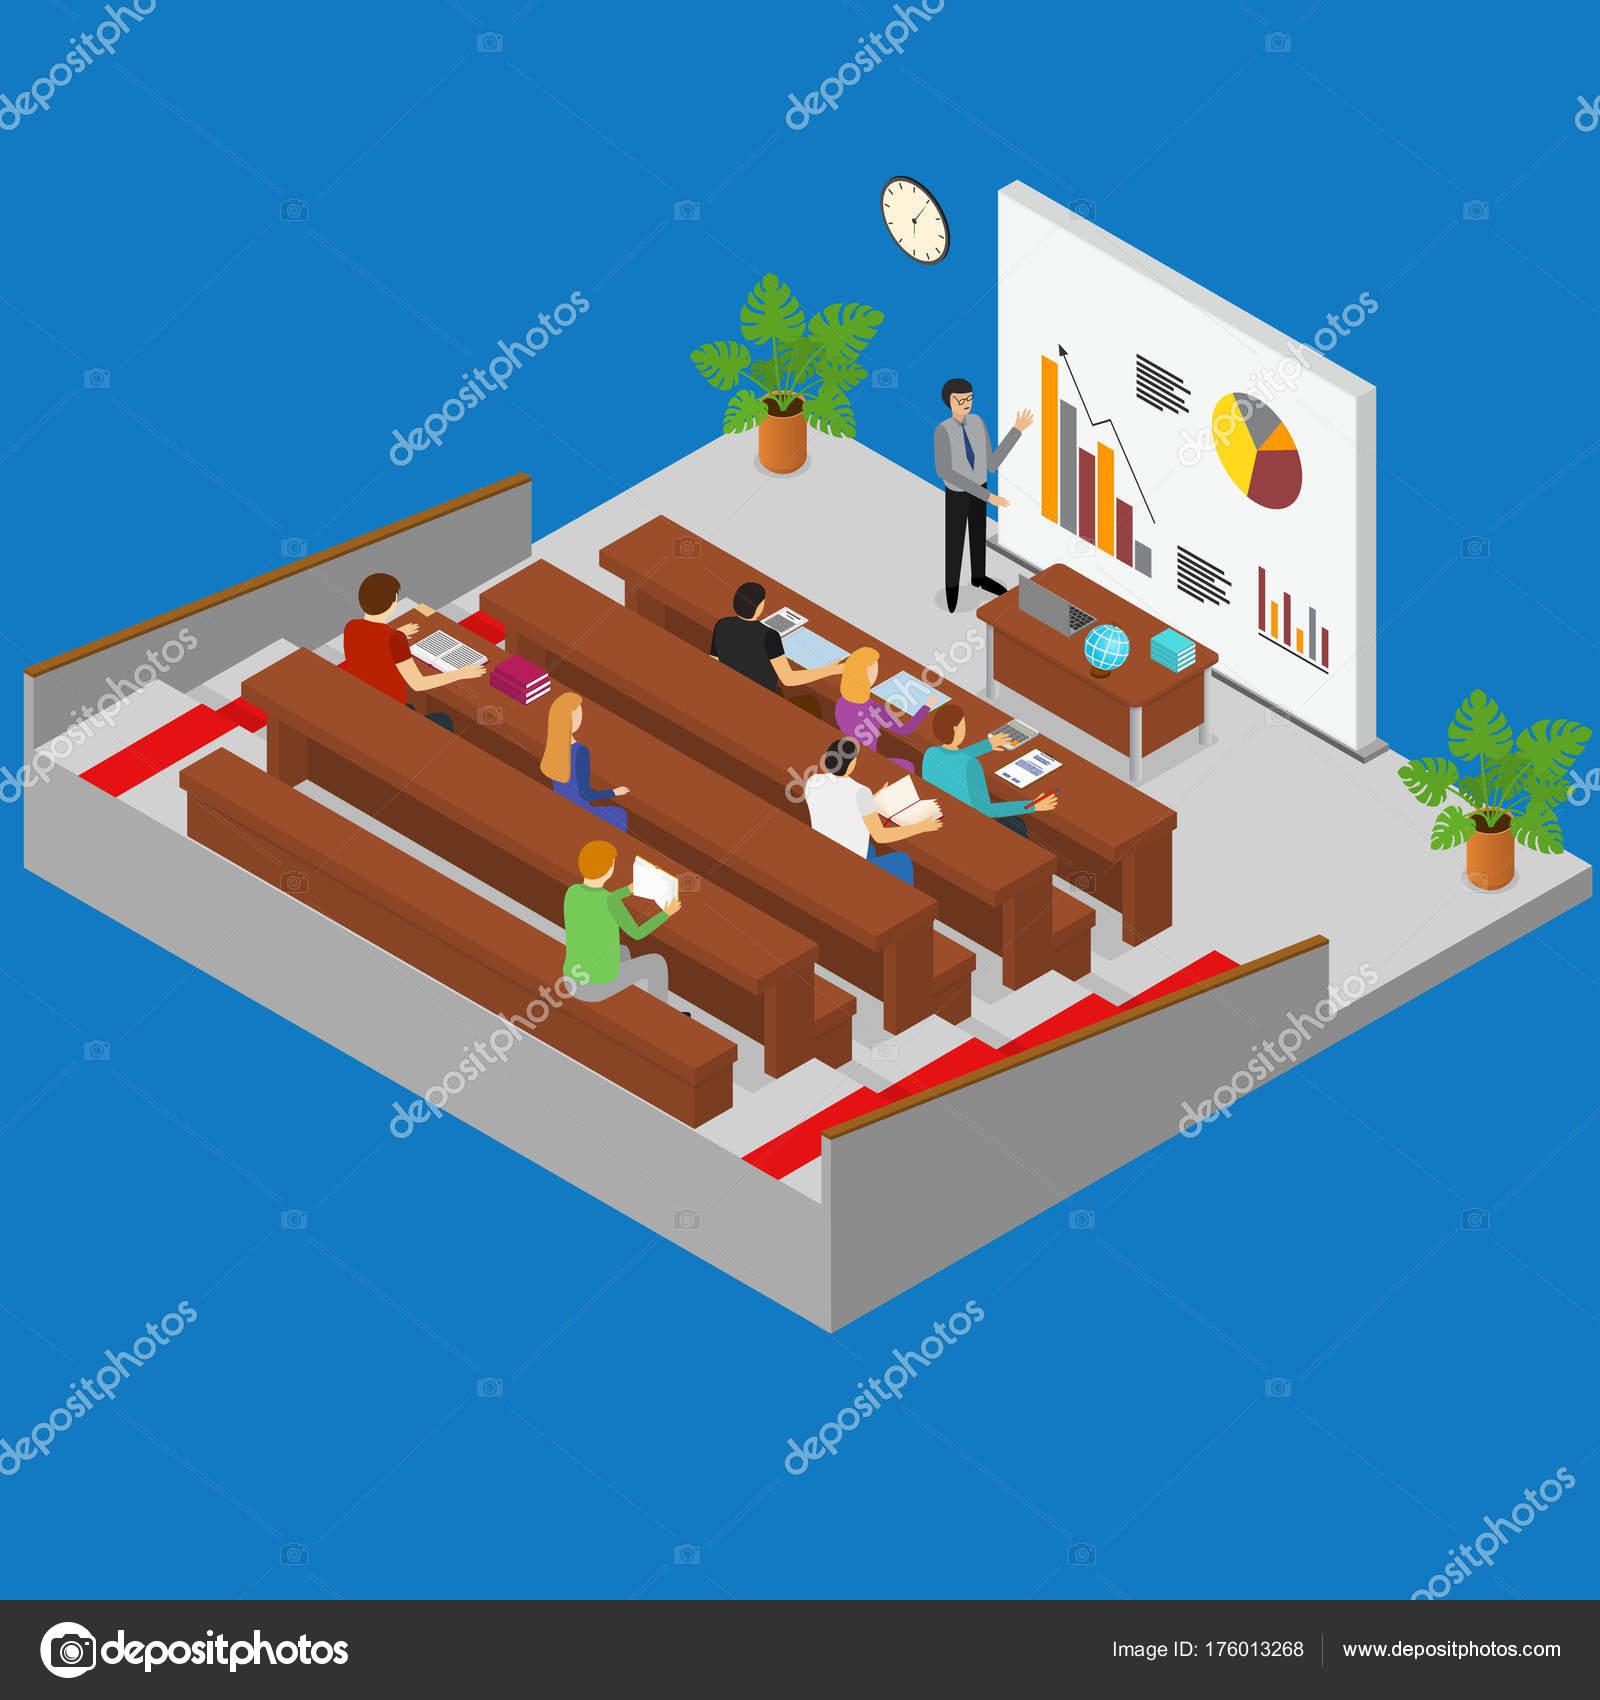 Salón Interior con vista isométrica muebles y estudiantes. Vector de ...